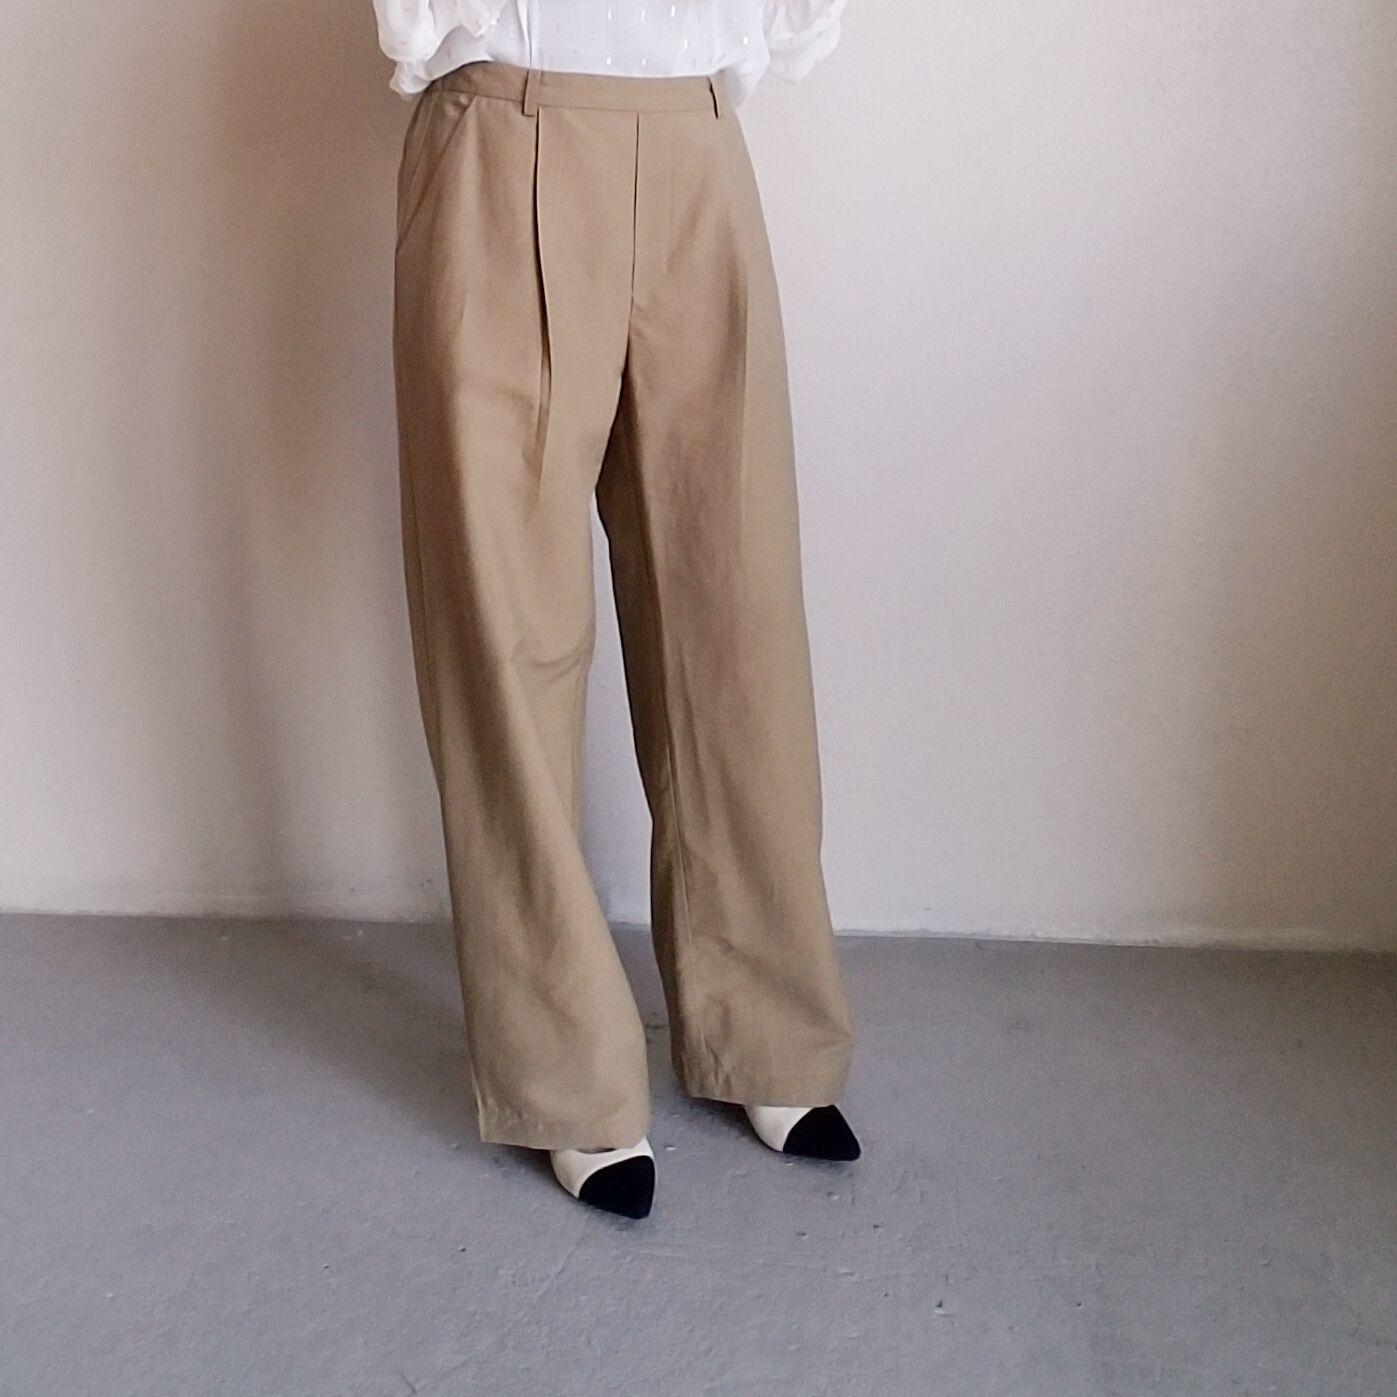 ☆ オリジナルワイドパンツも店頭に並んでます♡ ☆_e0103133_17400876.jpg